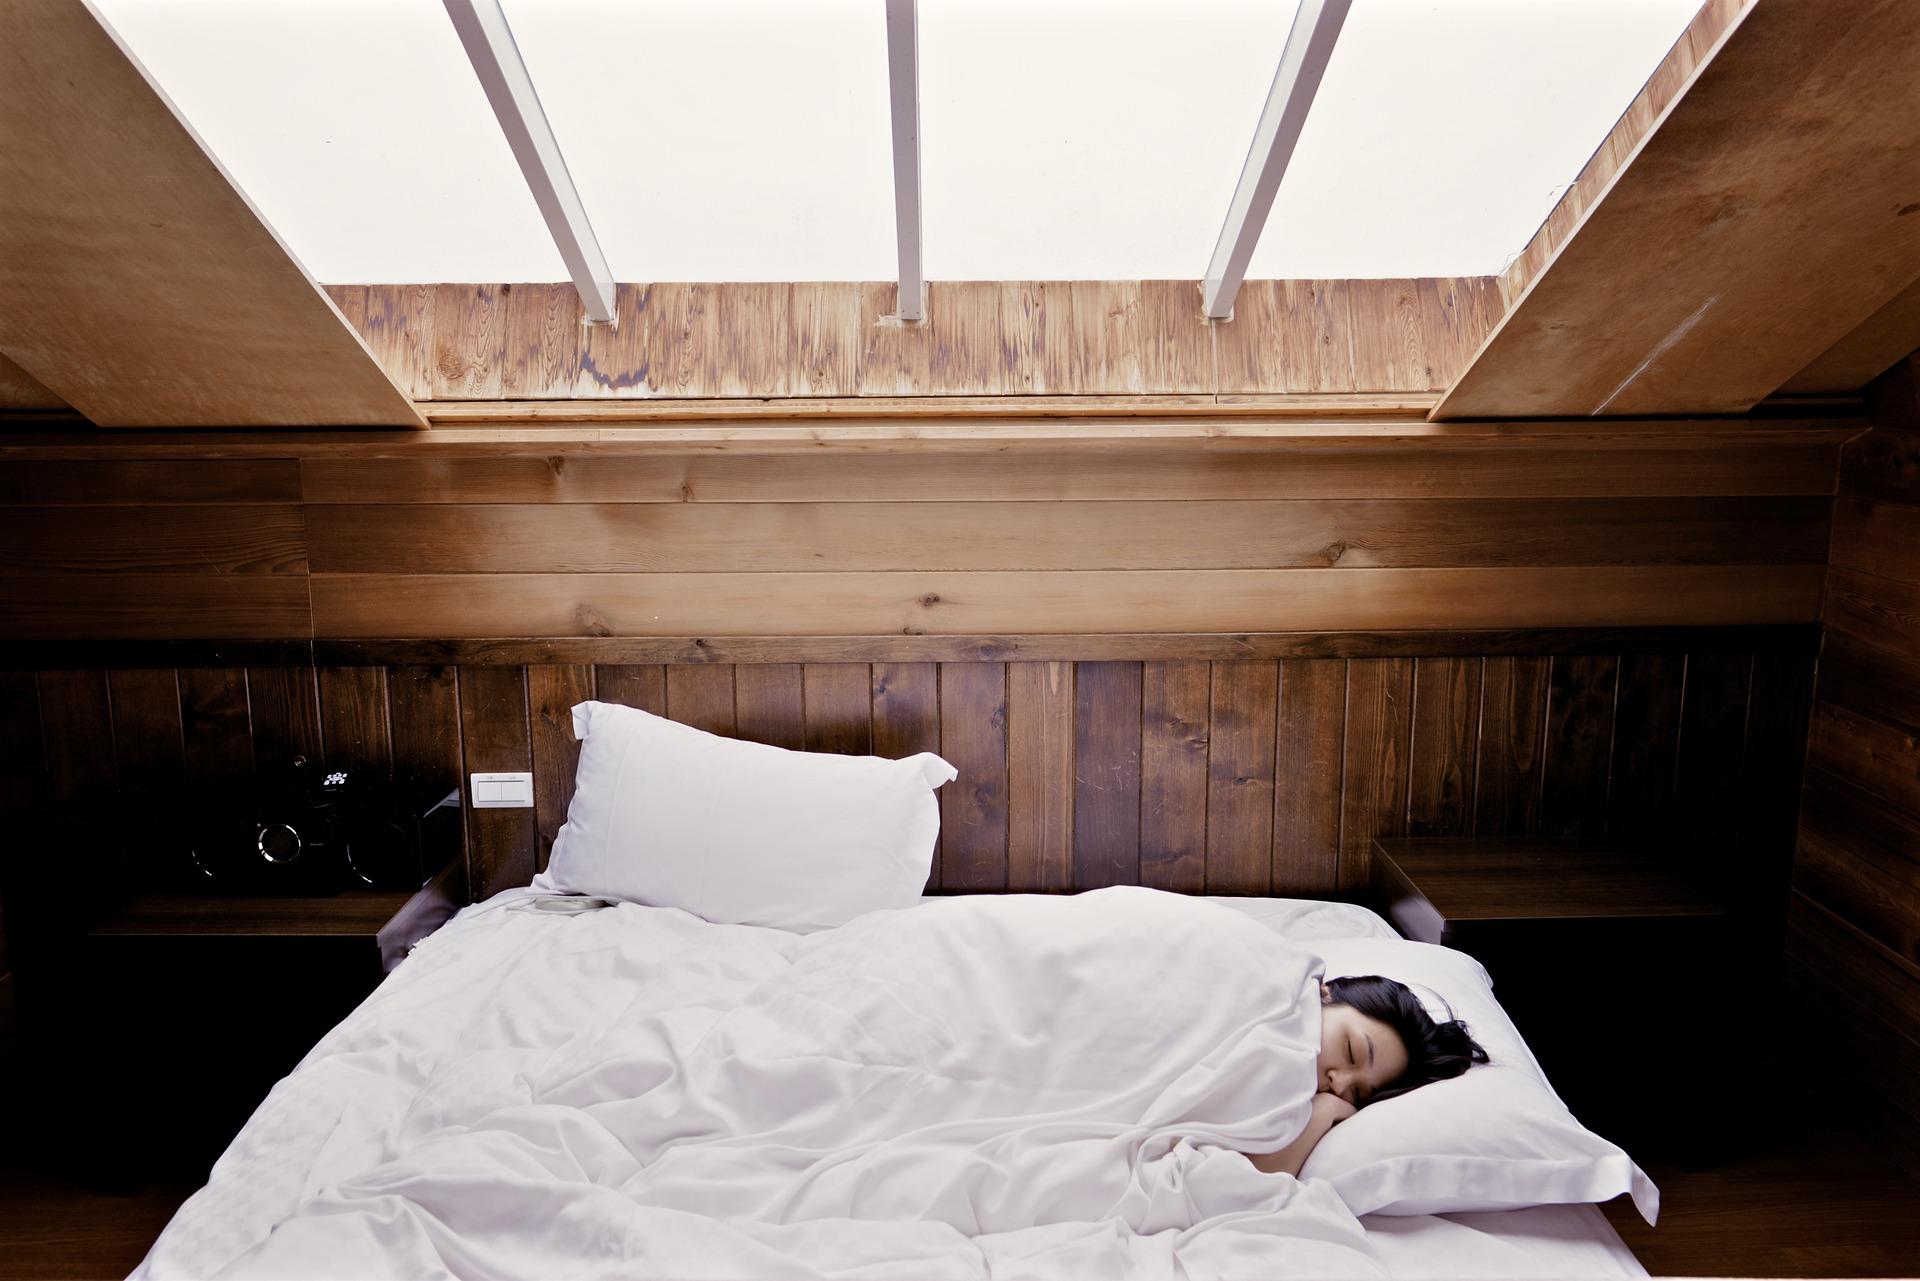 spring mattress disadvantages